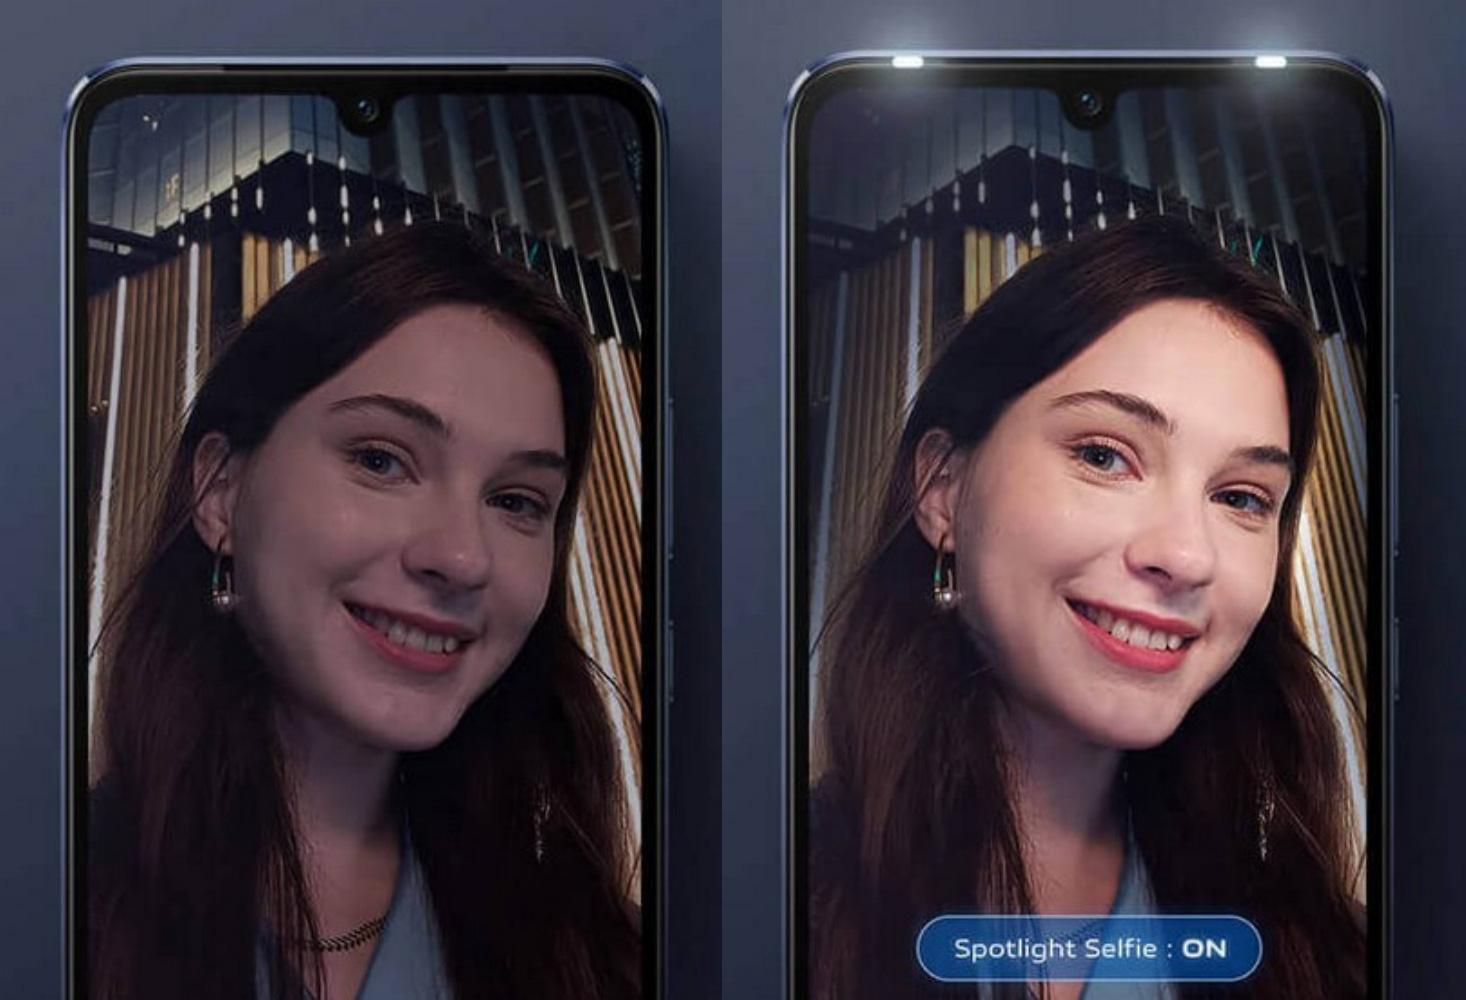 """Tin vui cho tín đồ thích chụp ảnh: Ảnh mờ nhòe, out nét không còn là nỗi bận tâm với """"siêu phẩm selfie"""" vivo V21 5G - Ảnh 3."""